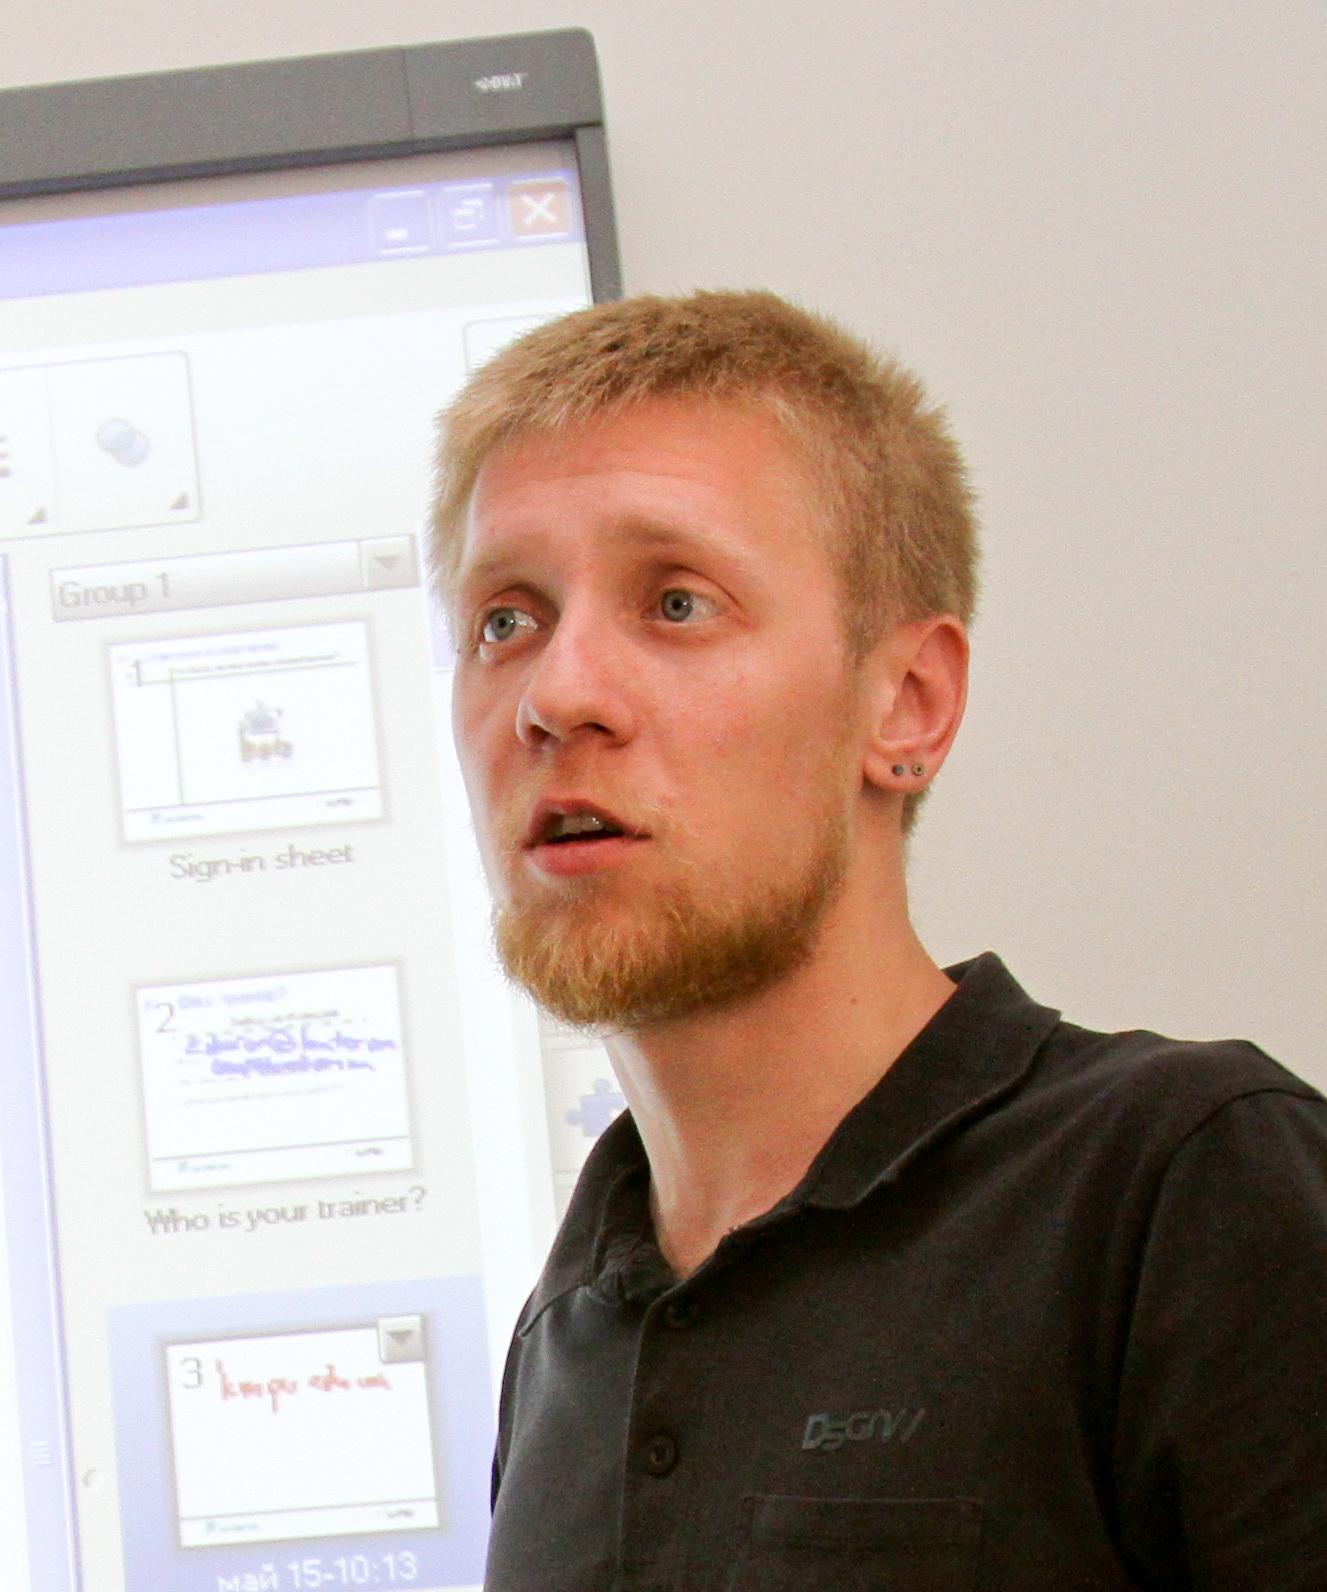 http://www.smartboard.com.ua/mail/zibrov.jpg